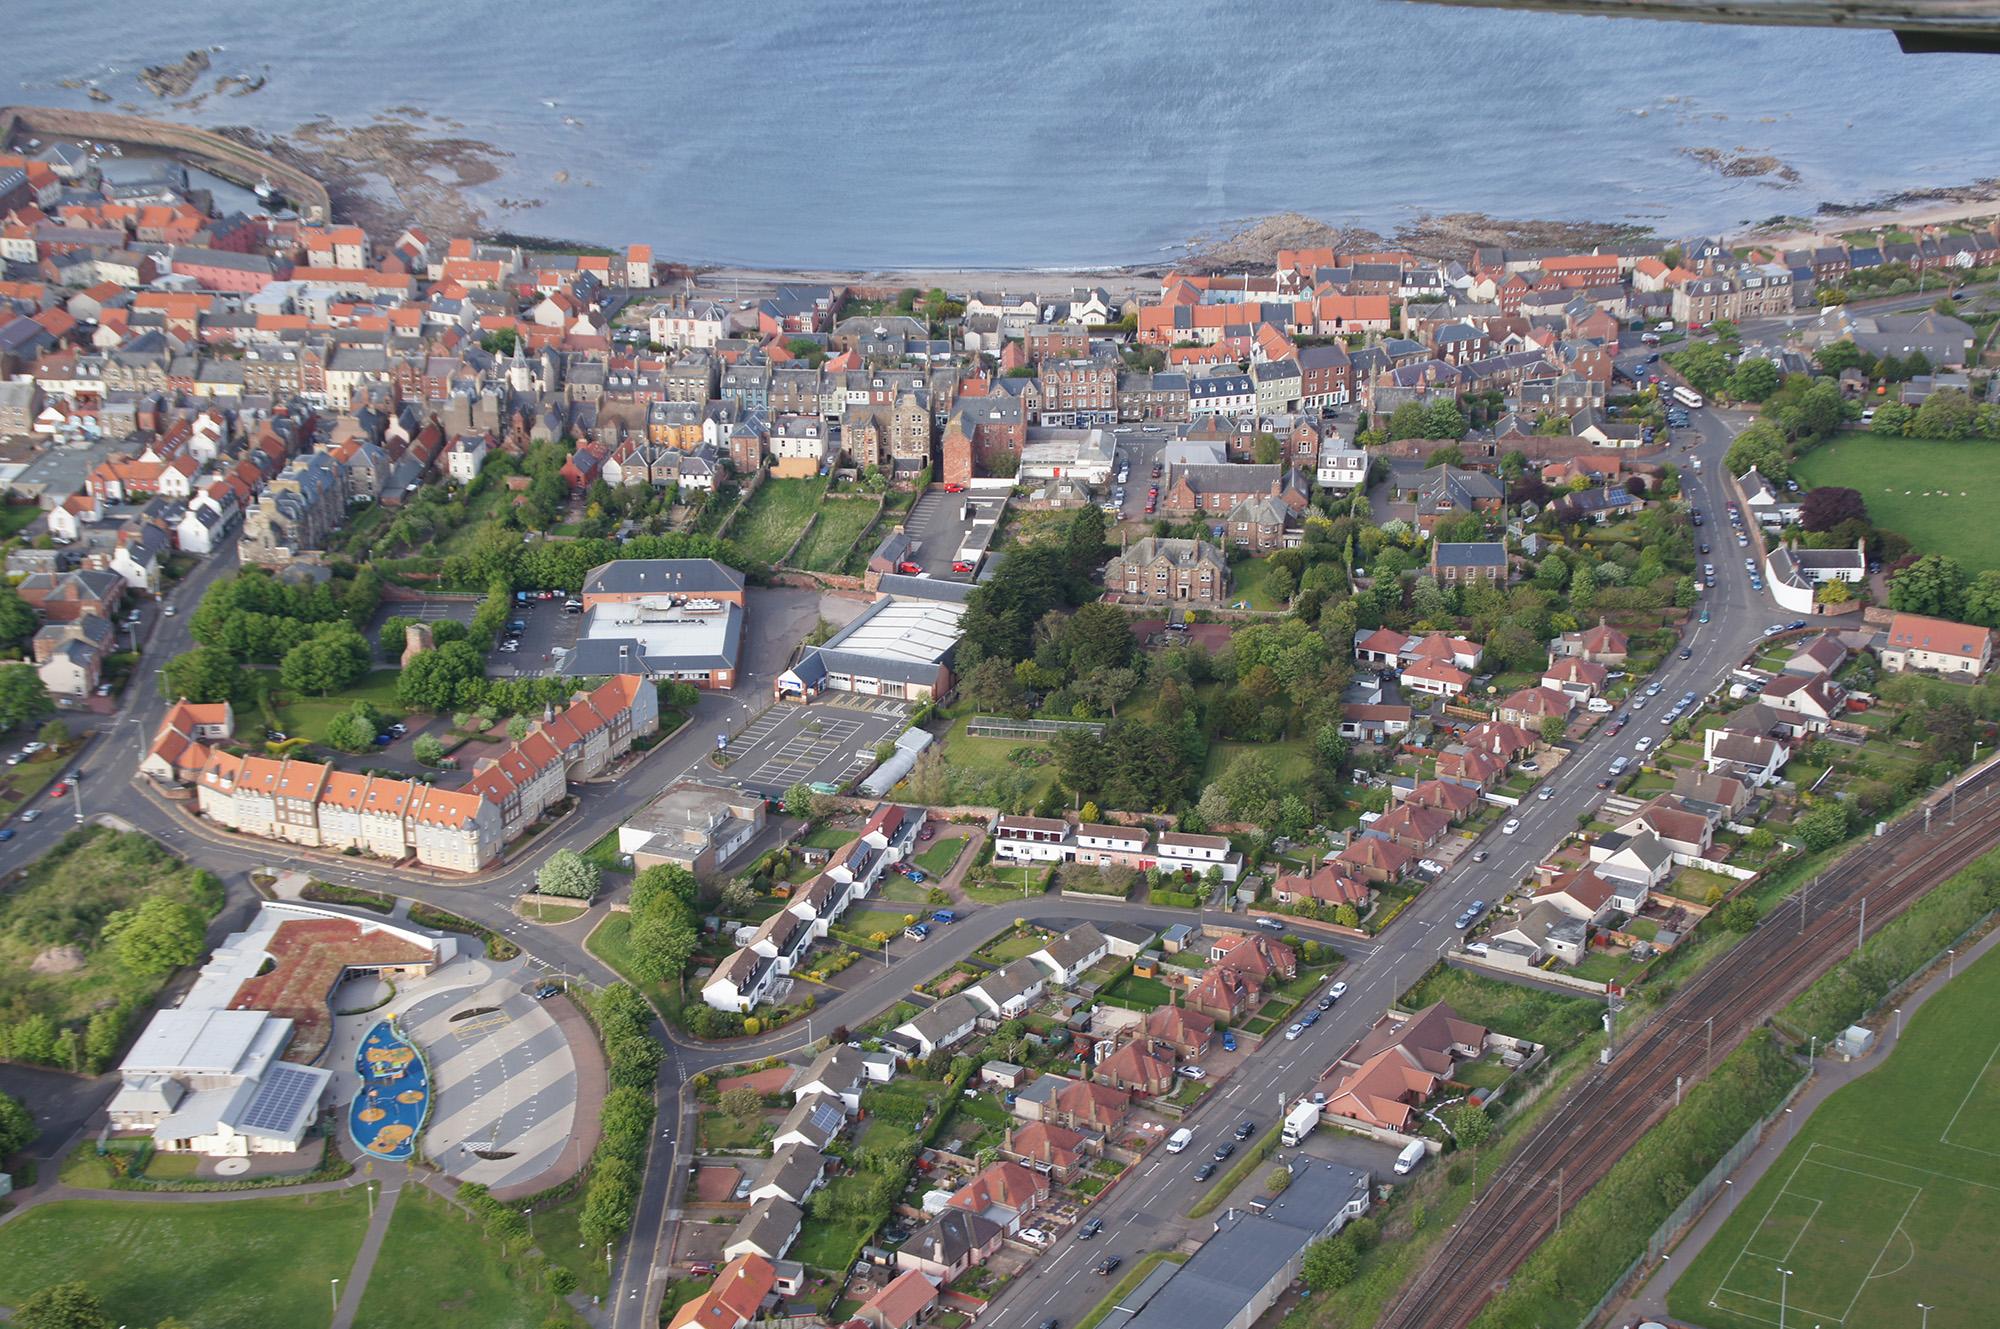 Dunbar Centre